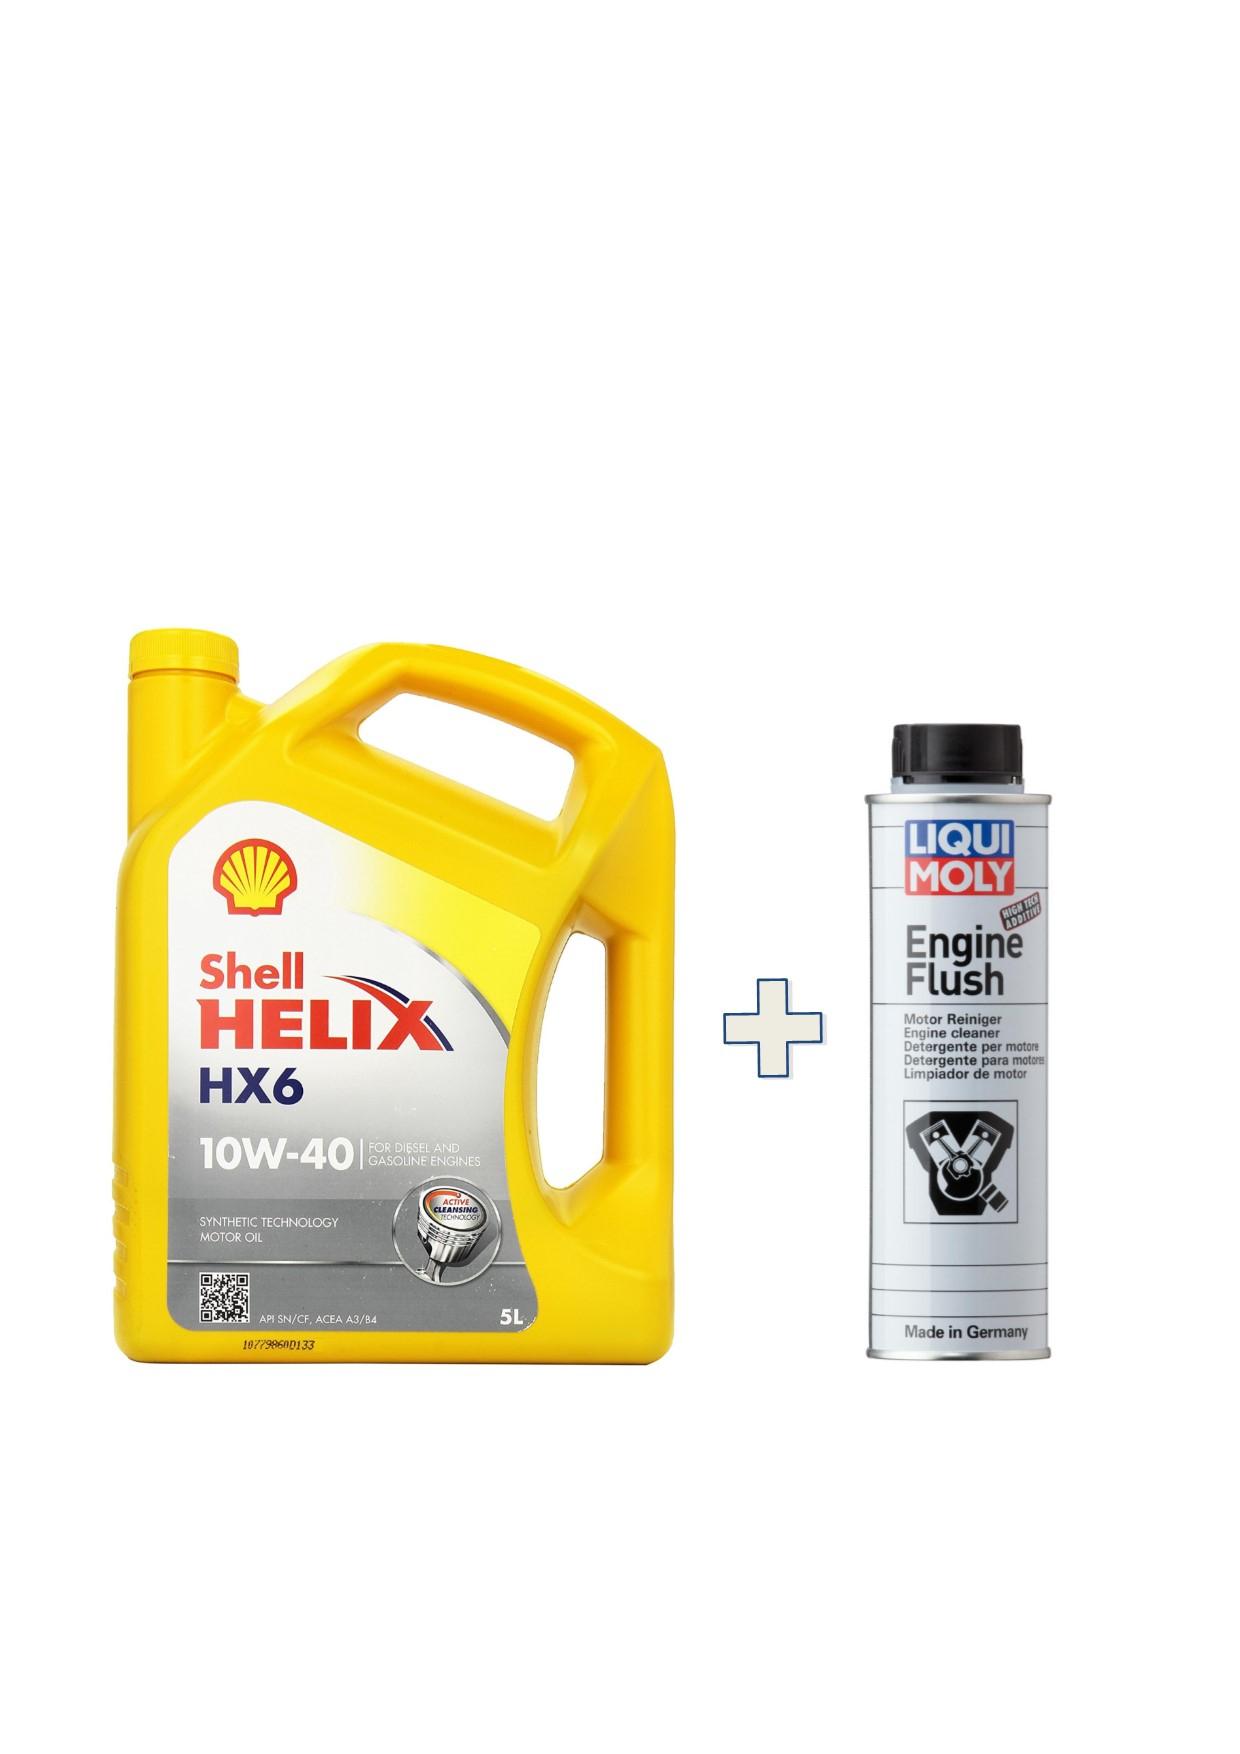 KIT-Shell-Helix-HX6-10W40-barattolo-5-LT + LIQUIMOLY-ENGINE-FLUSH-LAVA-MOTORE